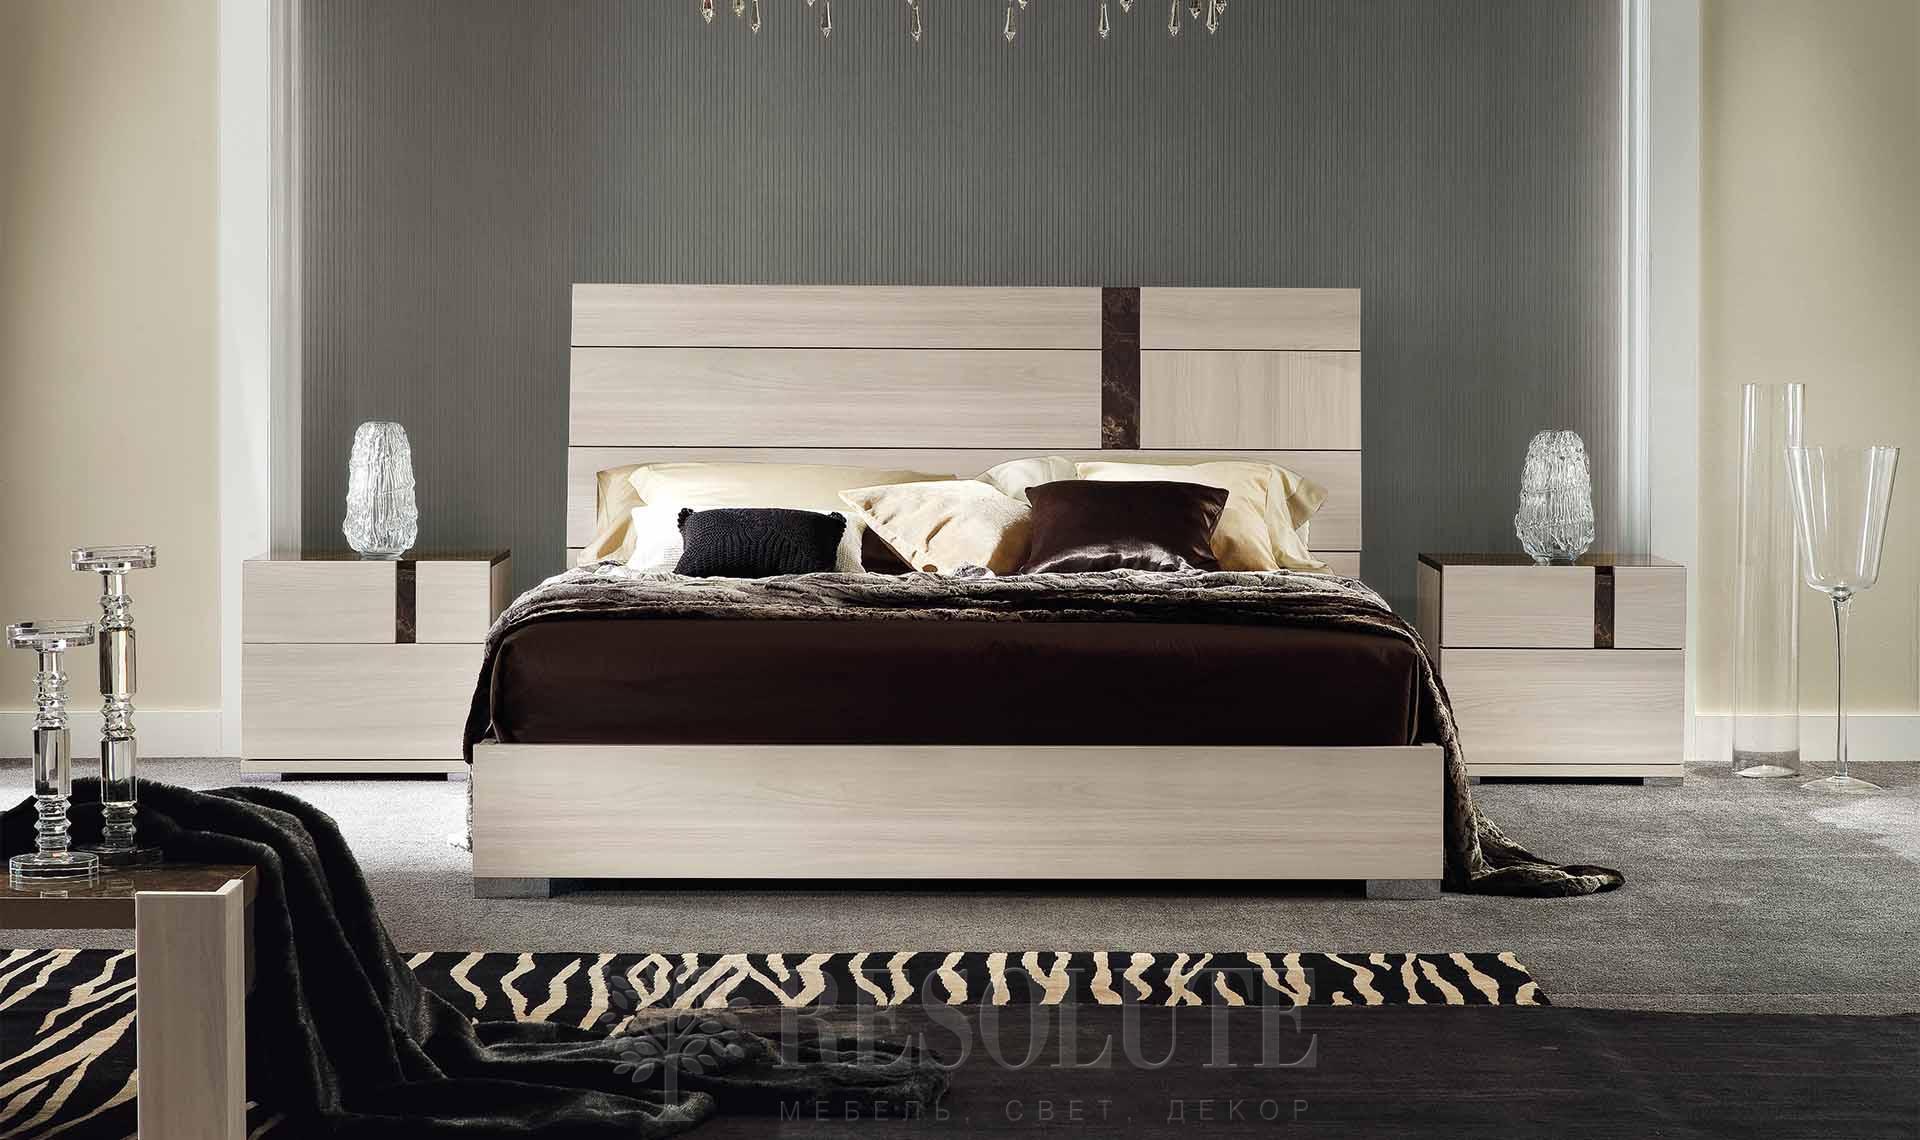 Кровать двуспальная TEODORA ALF - 1